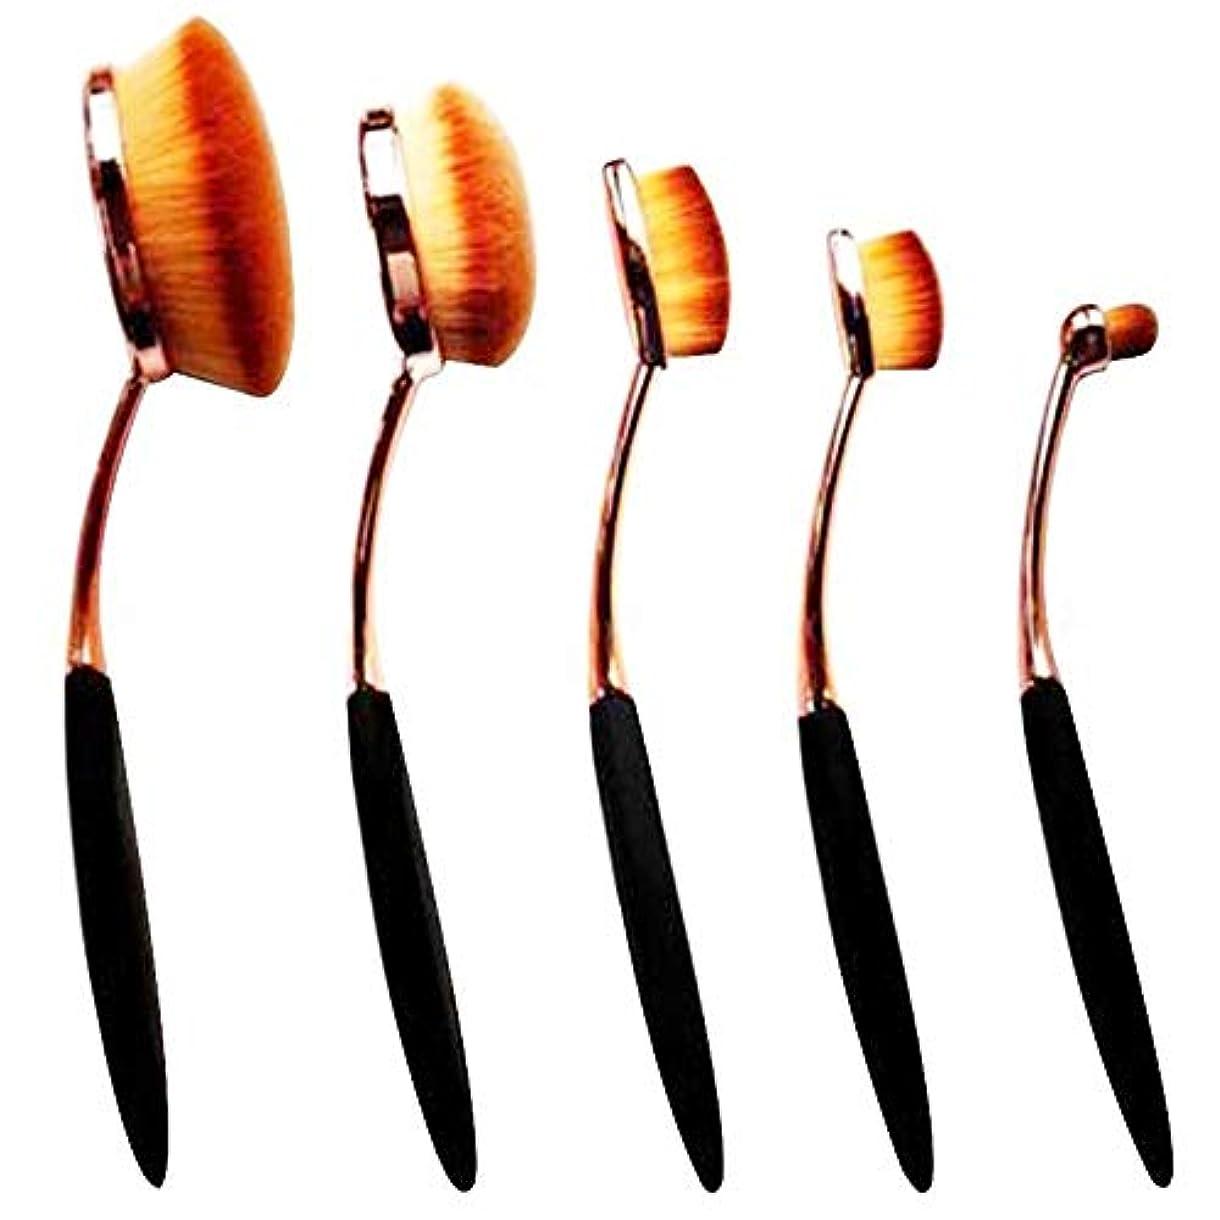 5個 専用 化粧ブラシ 歯ブラシ型 高級繊維毛 ファンデーションブラシ メイクブラシ メイクアップブラシ コスメ 化粧 ファンデーションブラシ